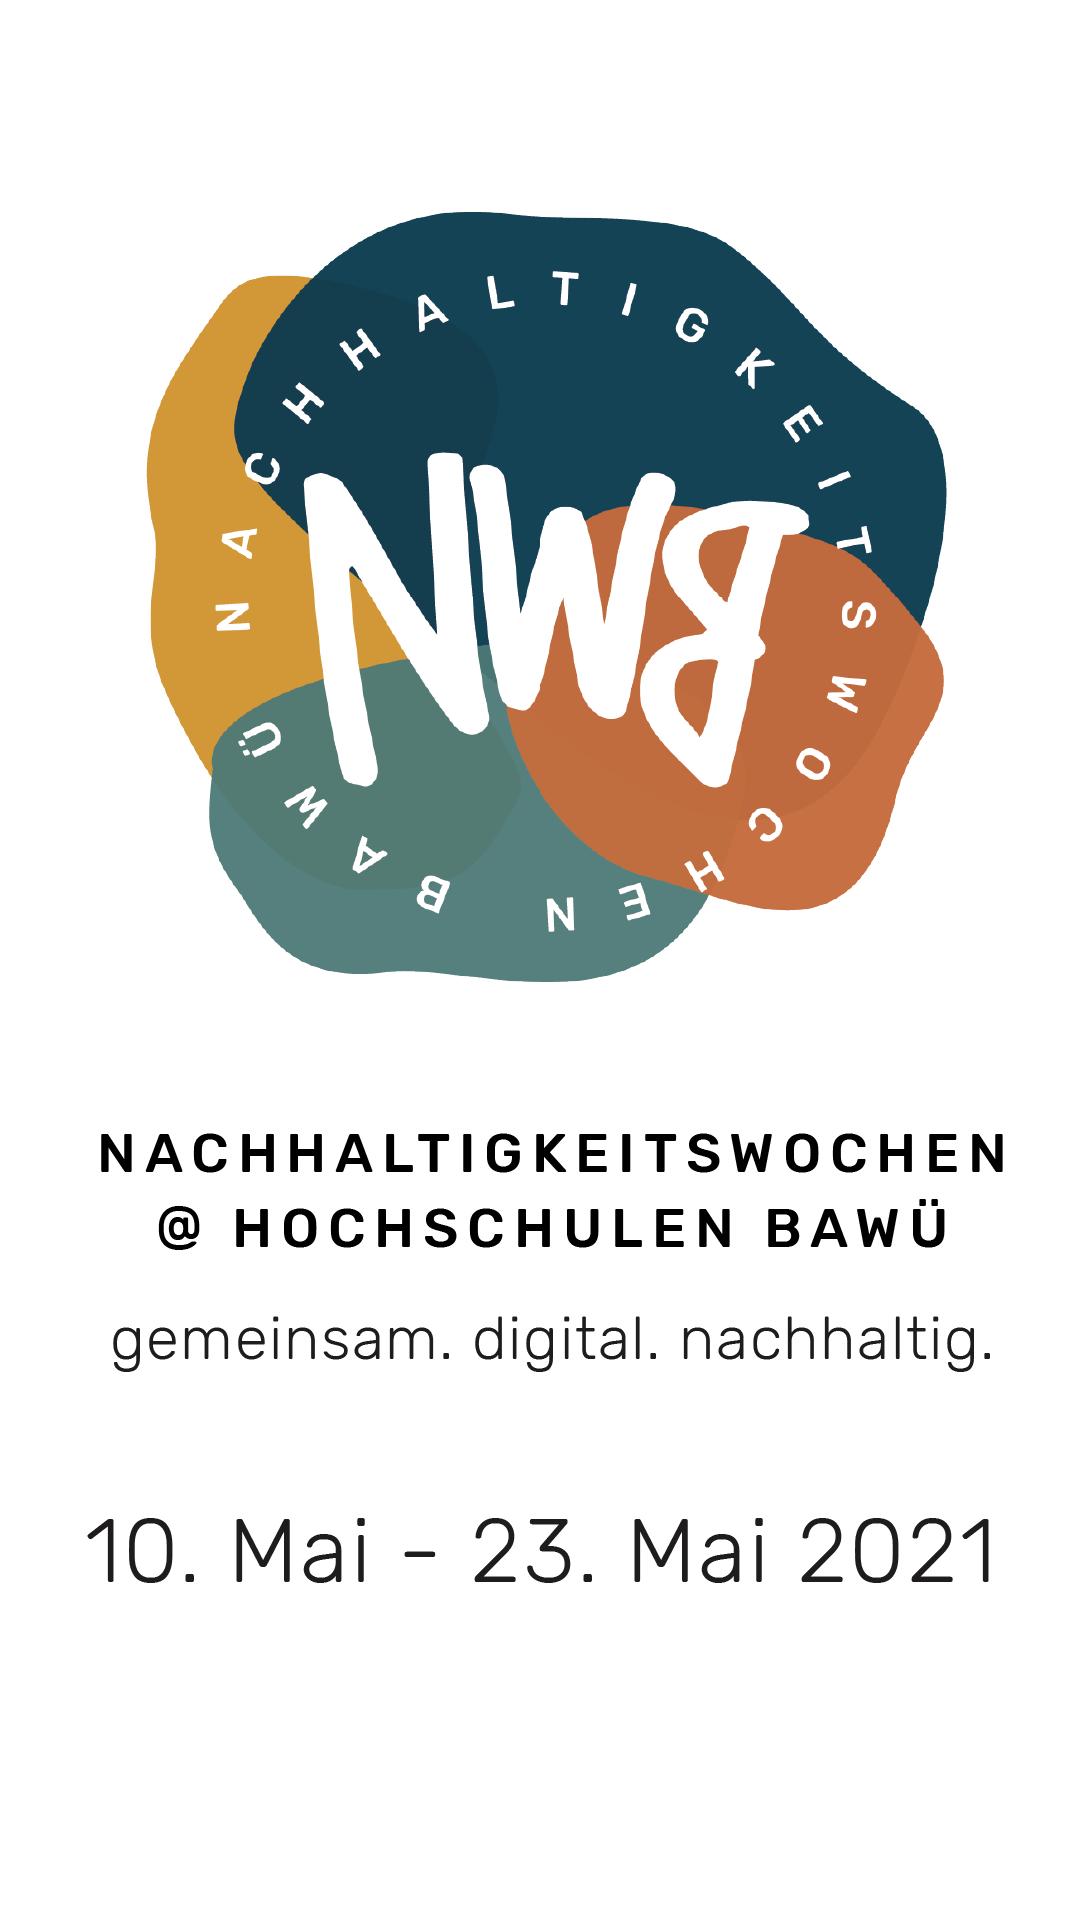 NBW2021 Logo mit Namen, Motto und Datum 1080x1920 px (Instagram Story)